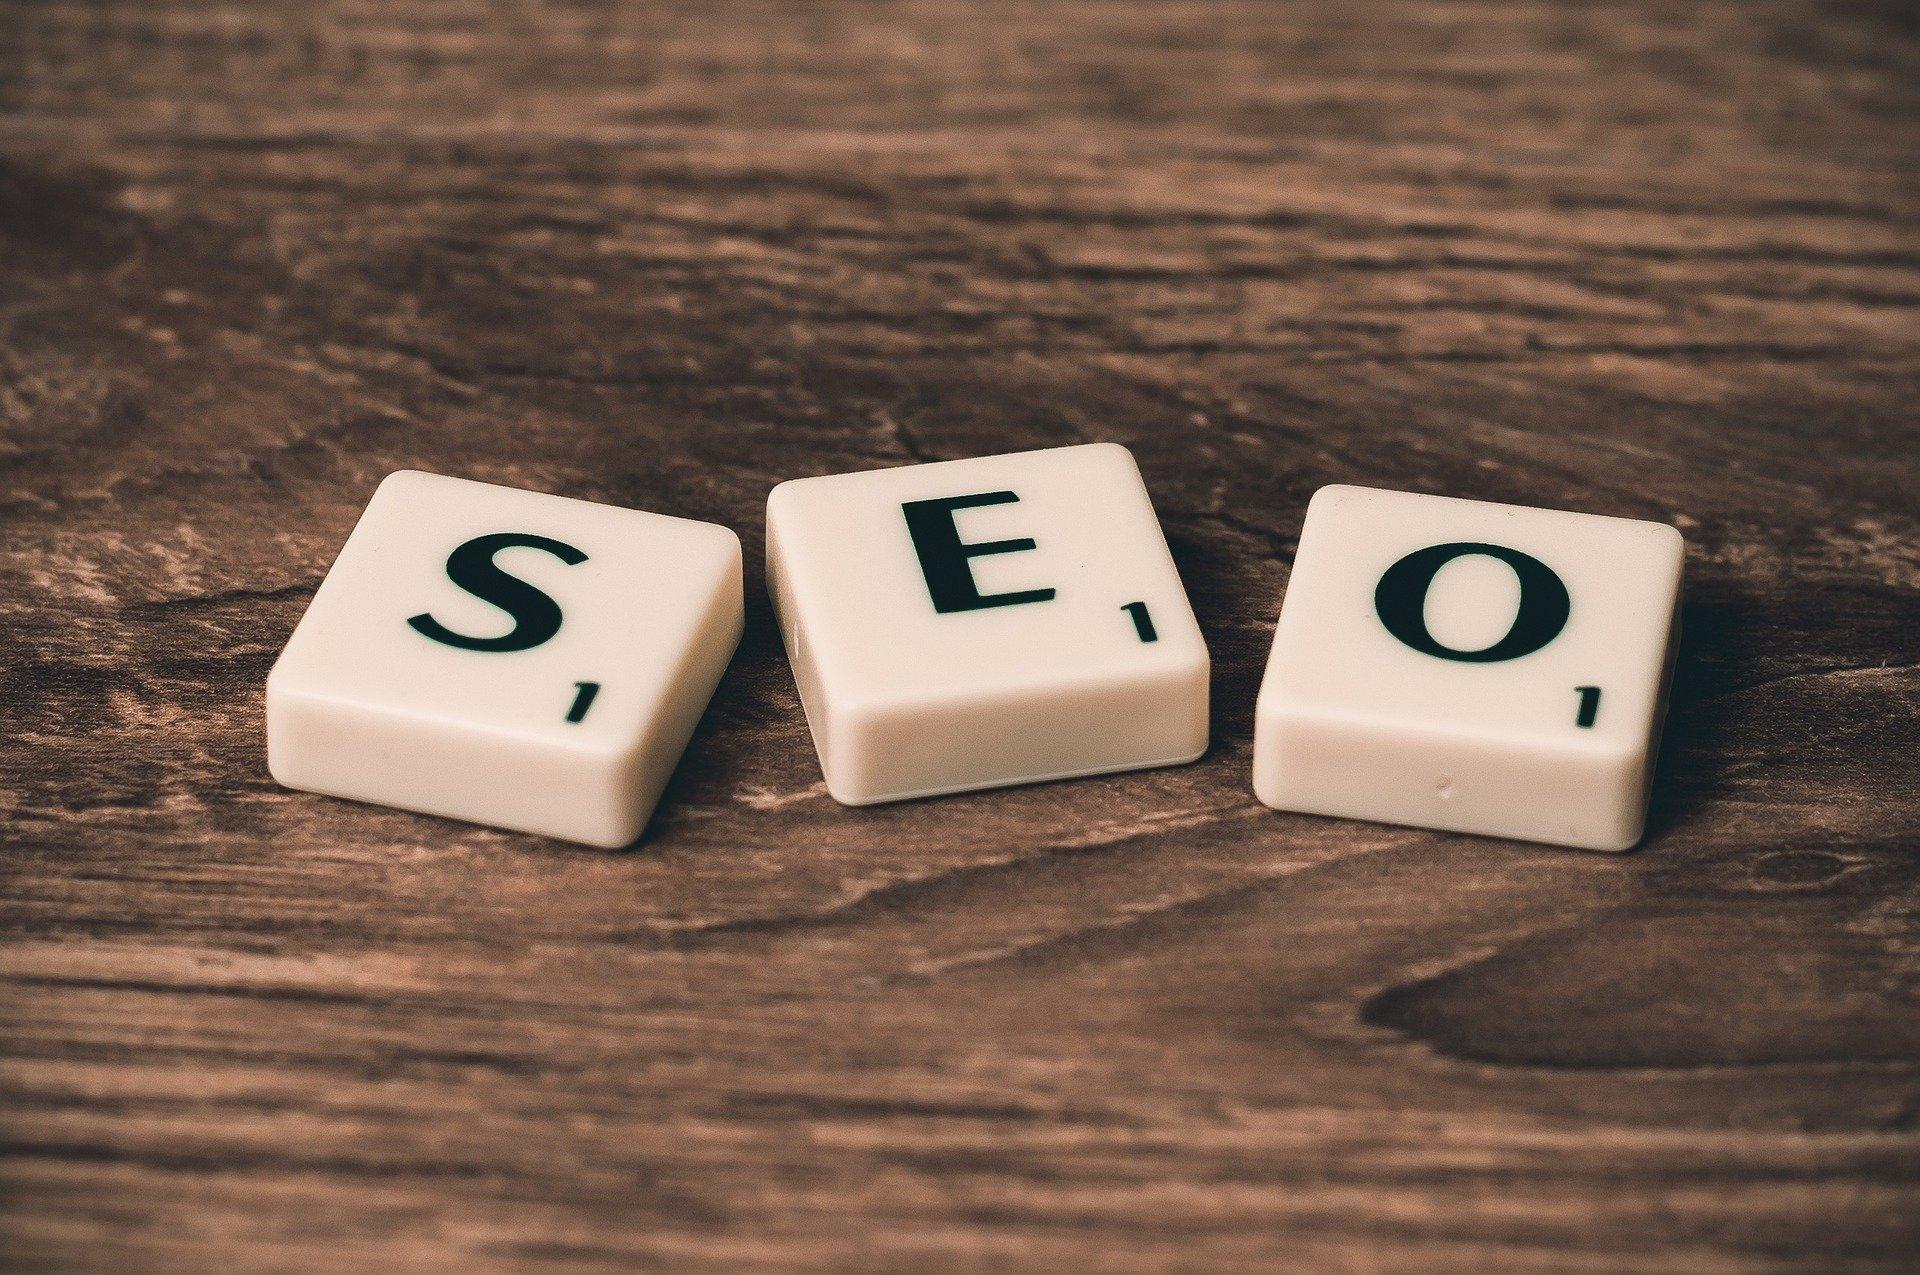 add-seo-into-content-marketing